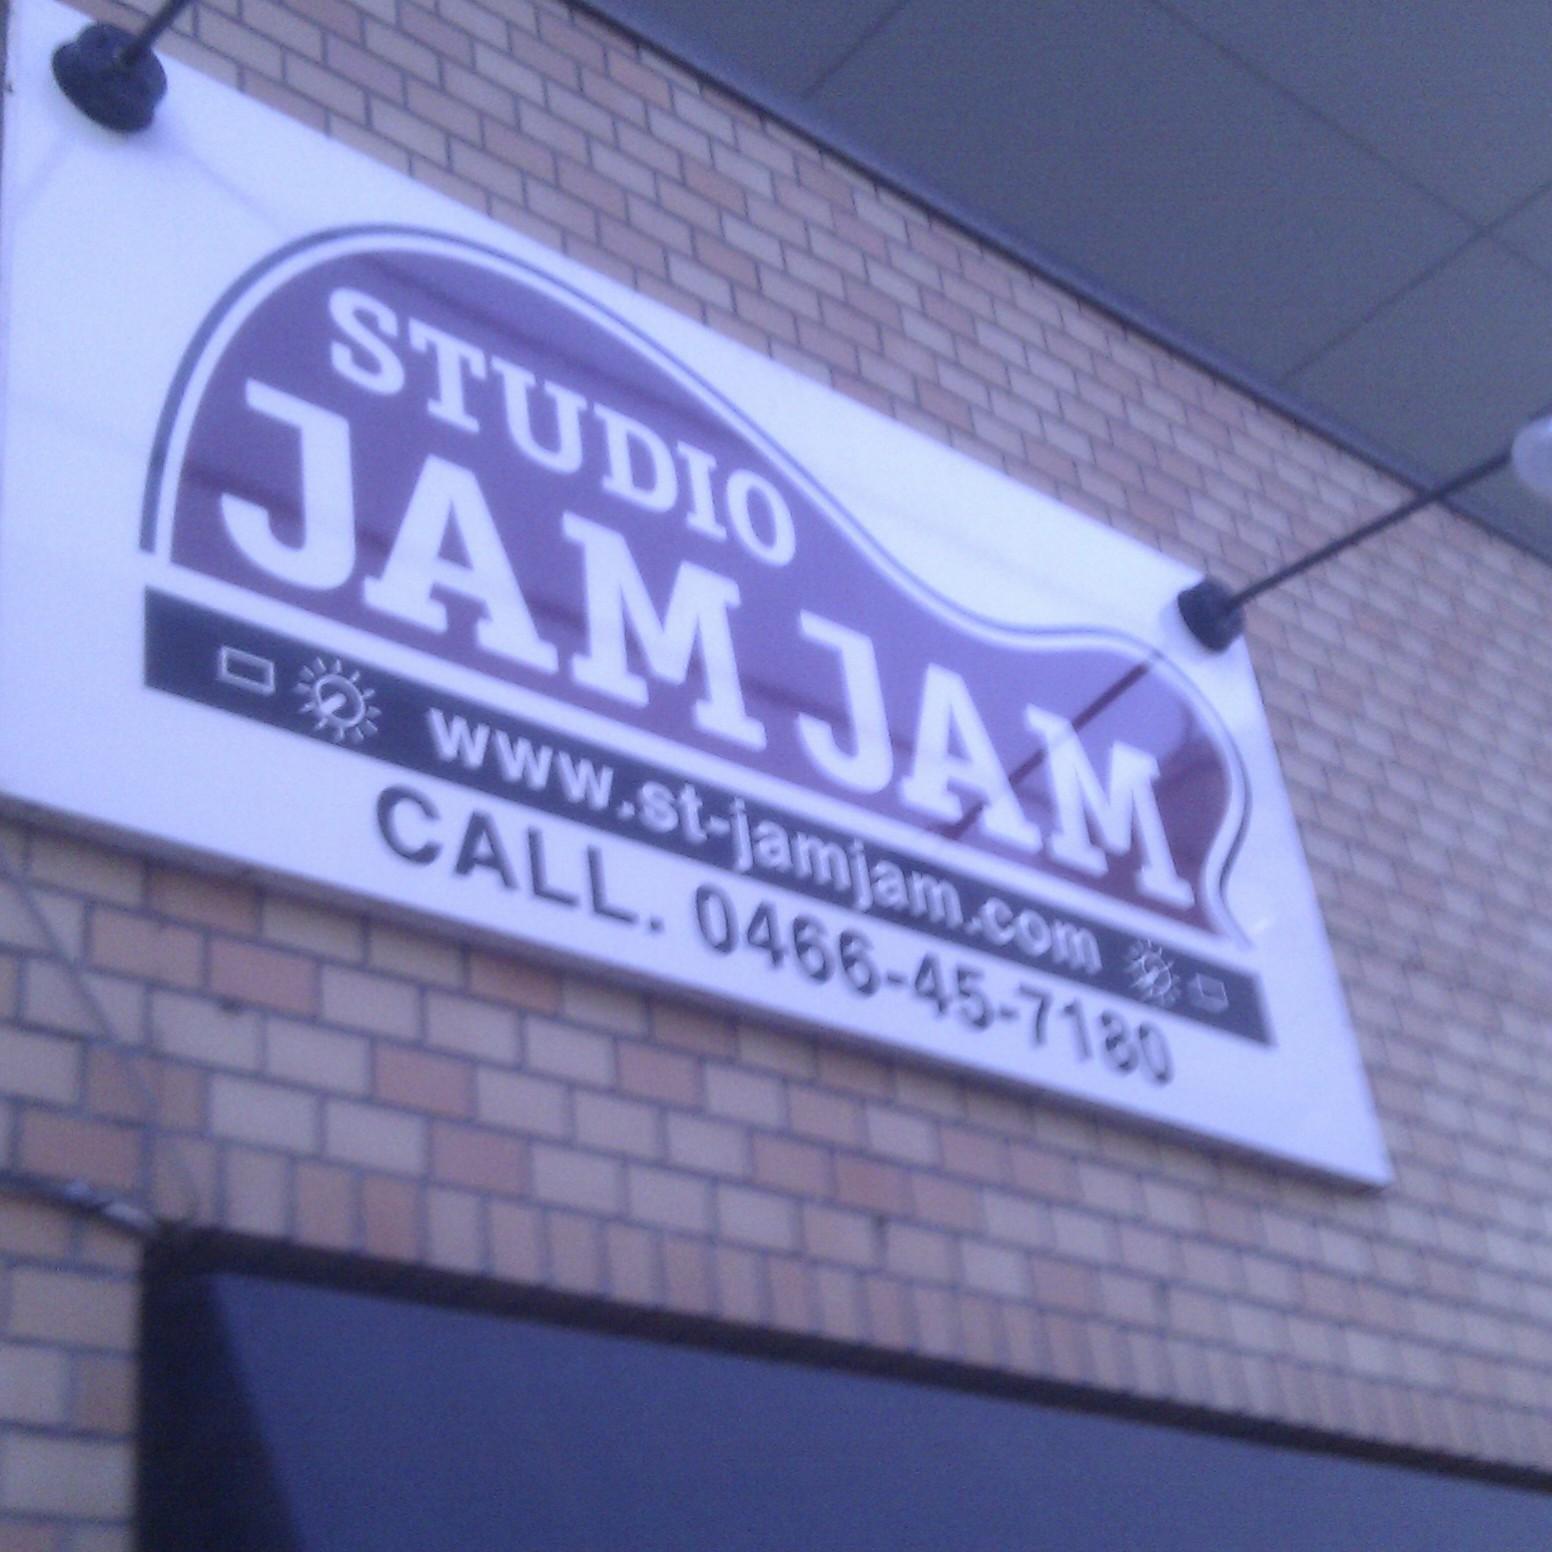 Studio Jam Jam